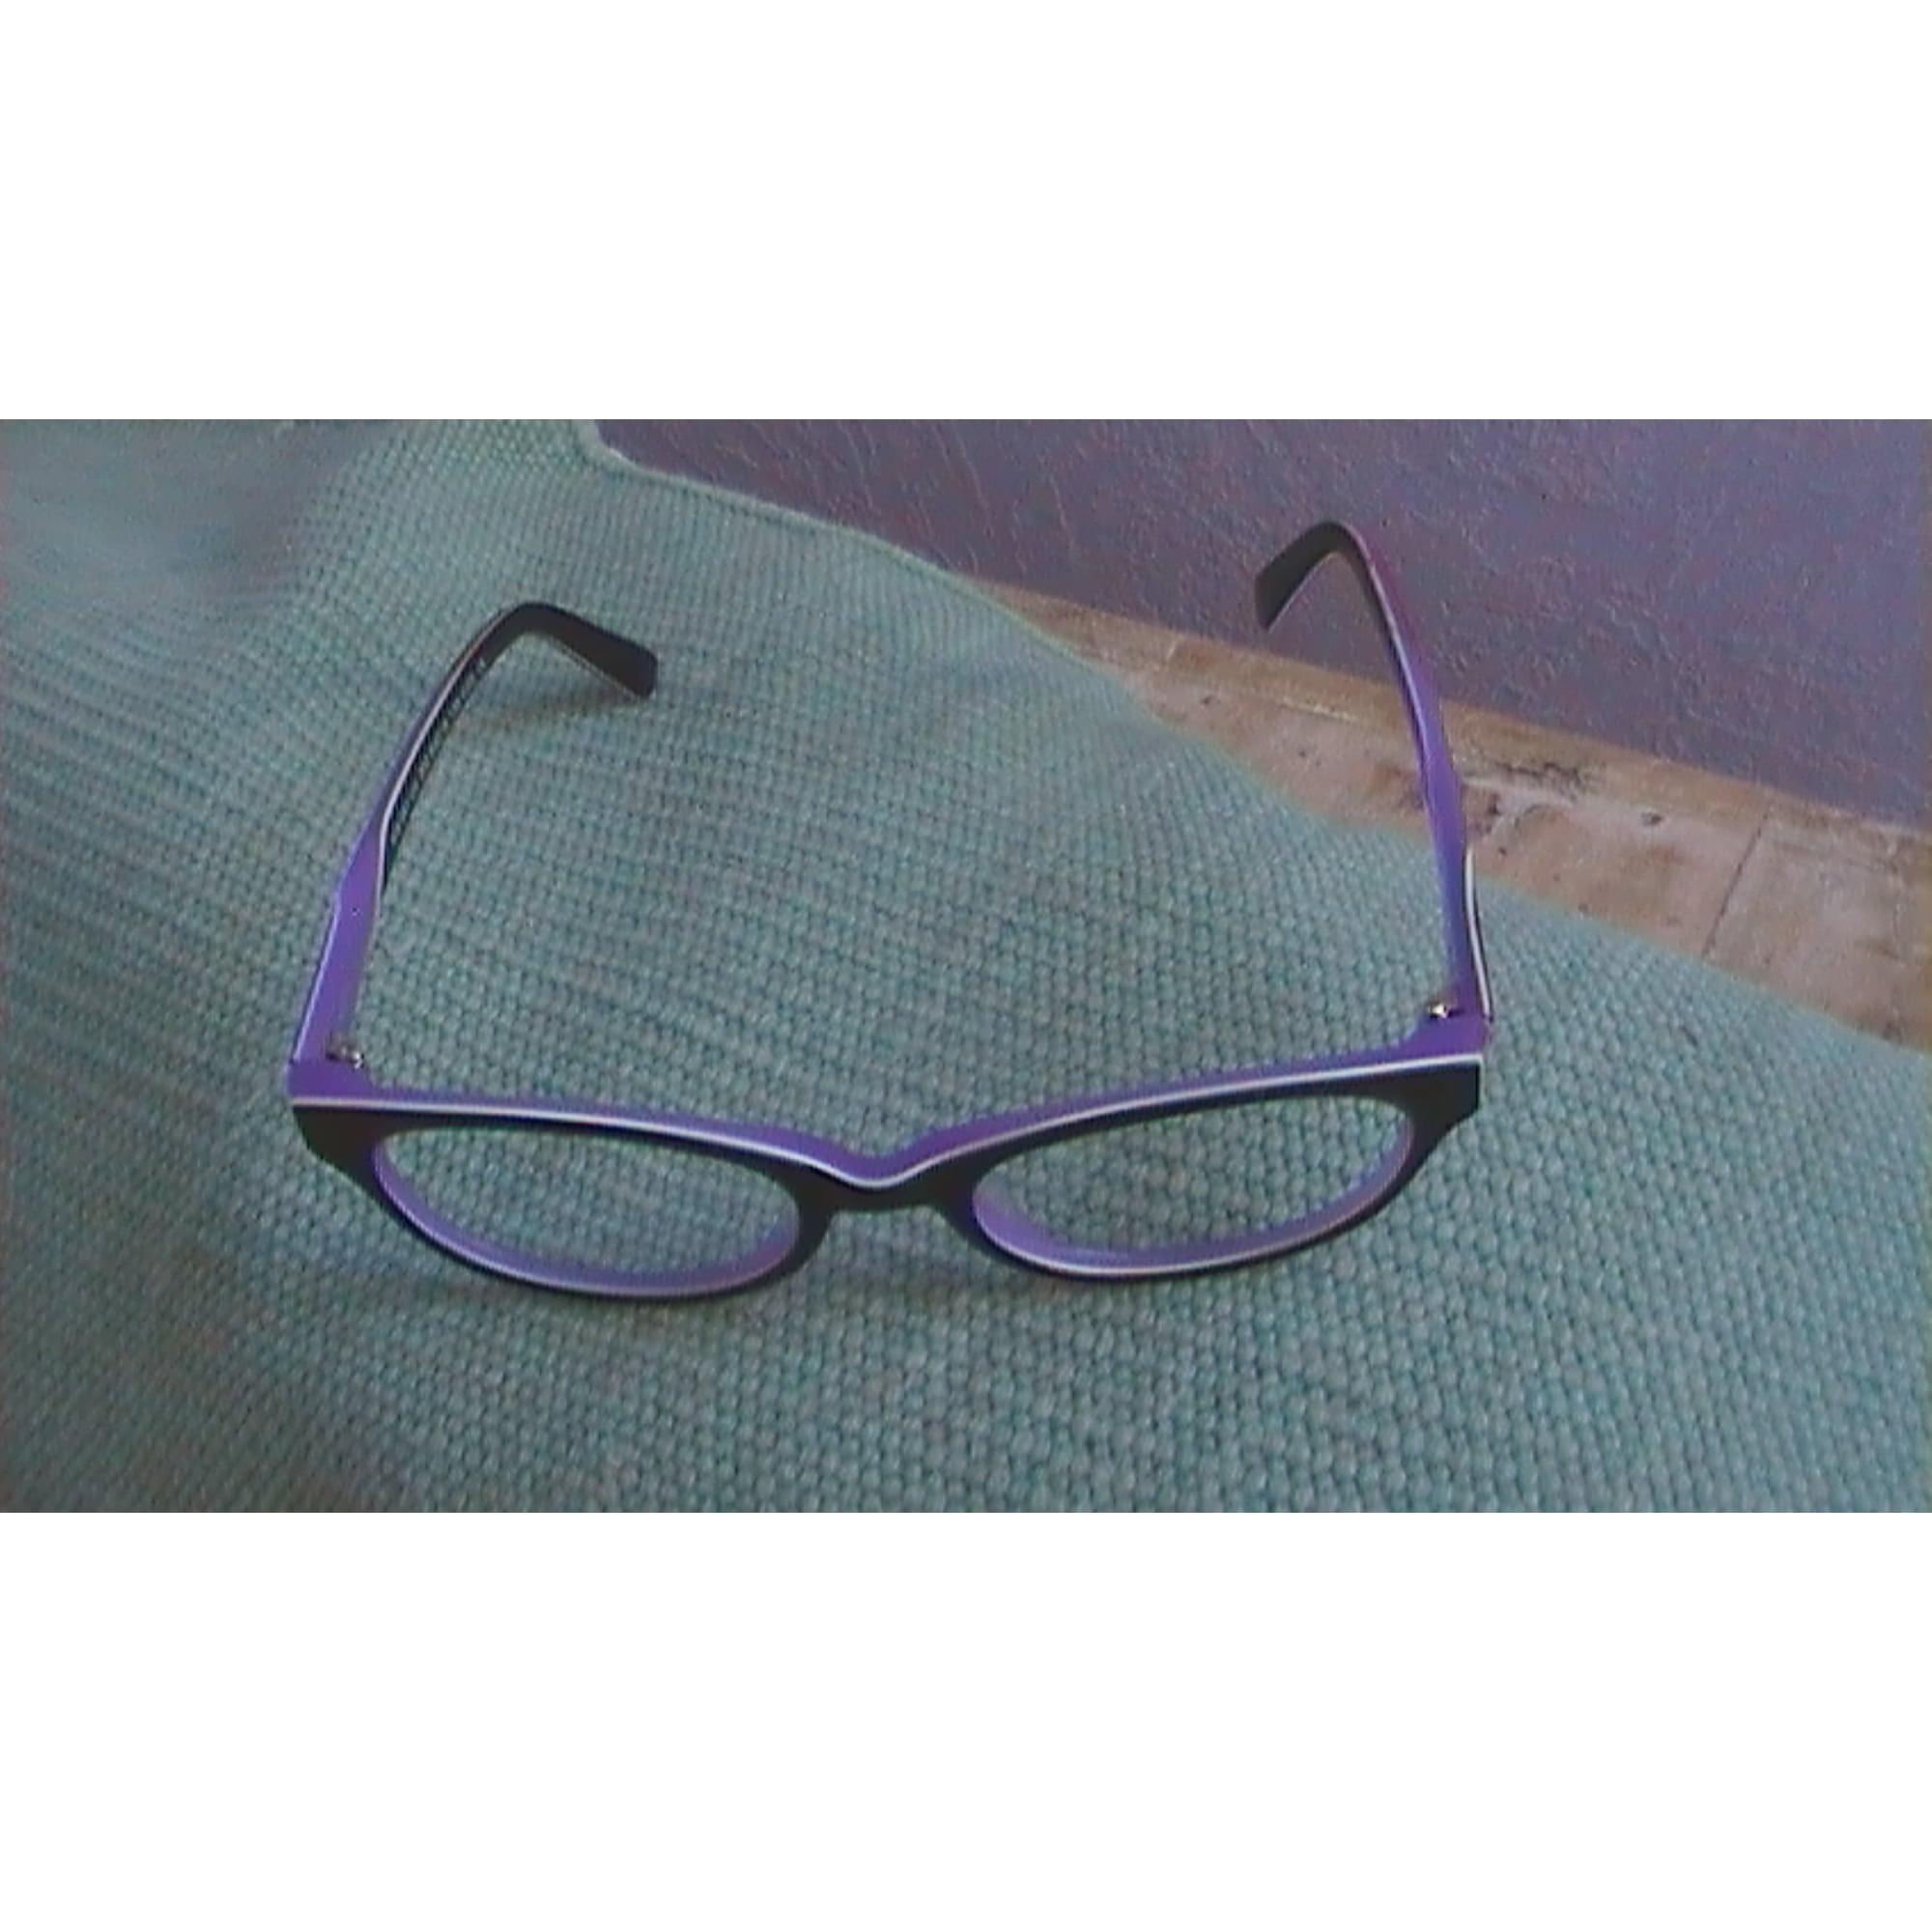 Monture de lunettes KRYS noir et mauve vendu par Christiane 61431868 ... d64d14af349d